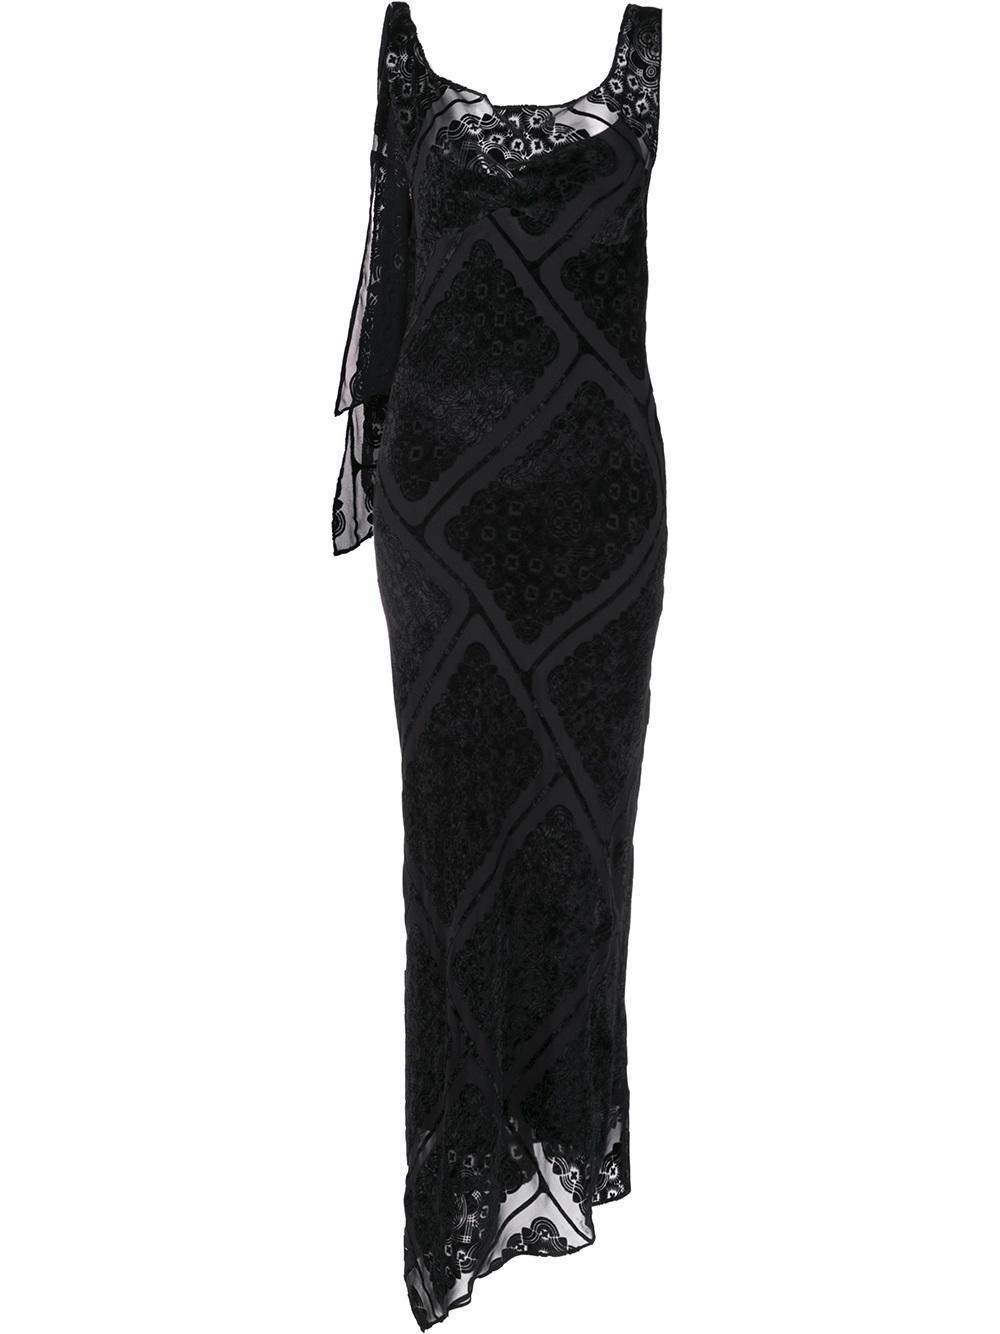 Schön Tolle Abendkleider Günstig Stylish13 Top Tolle Abendkleider Günstig Design